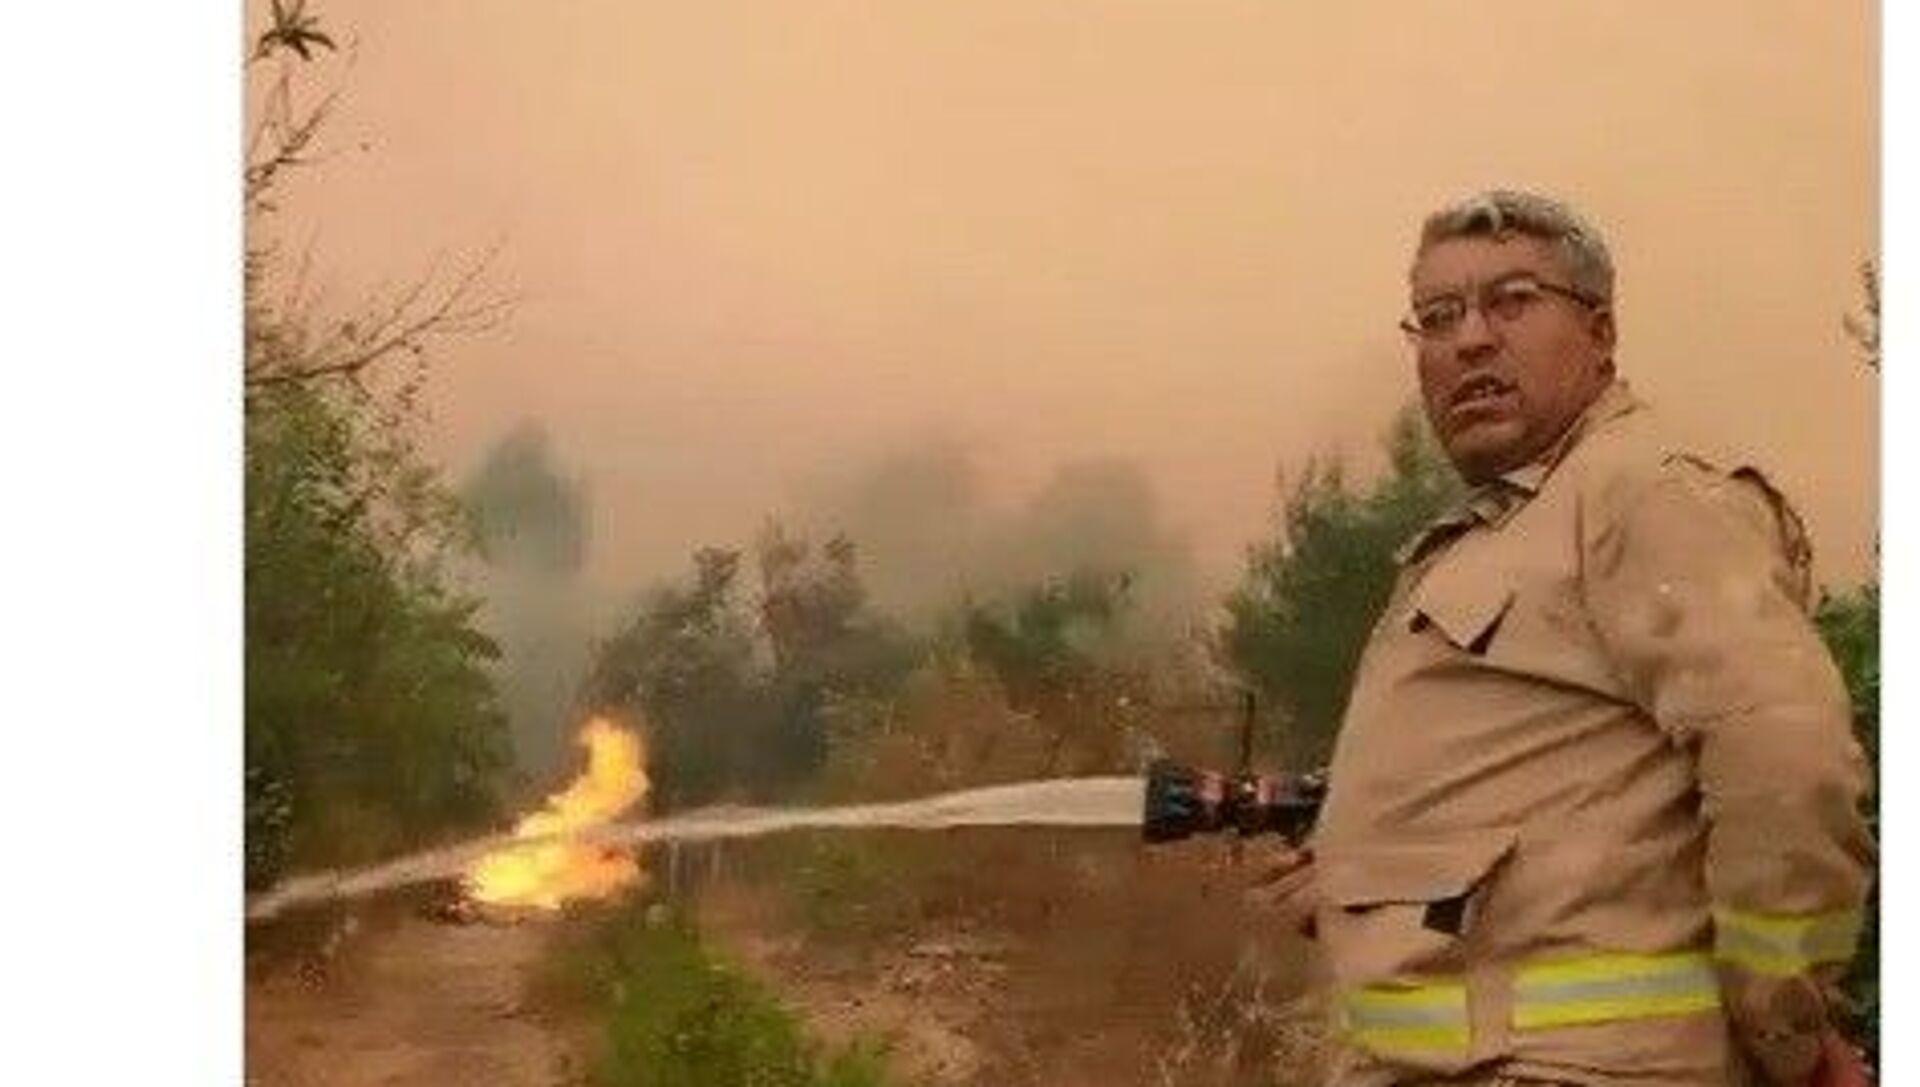 Orman Genel Müdürlüğü, Antalya Manavgat'ın ilçesindeki orman yangınını söndürme çalışmaları sırasında şehit olan orman işçisi Yaşar Cinbaş'ın son görüntülerini paylaştı. - Sputnik Türkiye, 1920, 01.08.2021